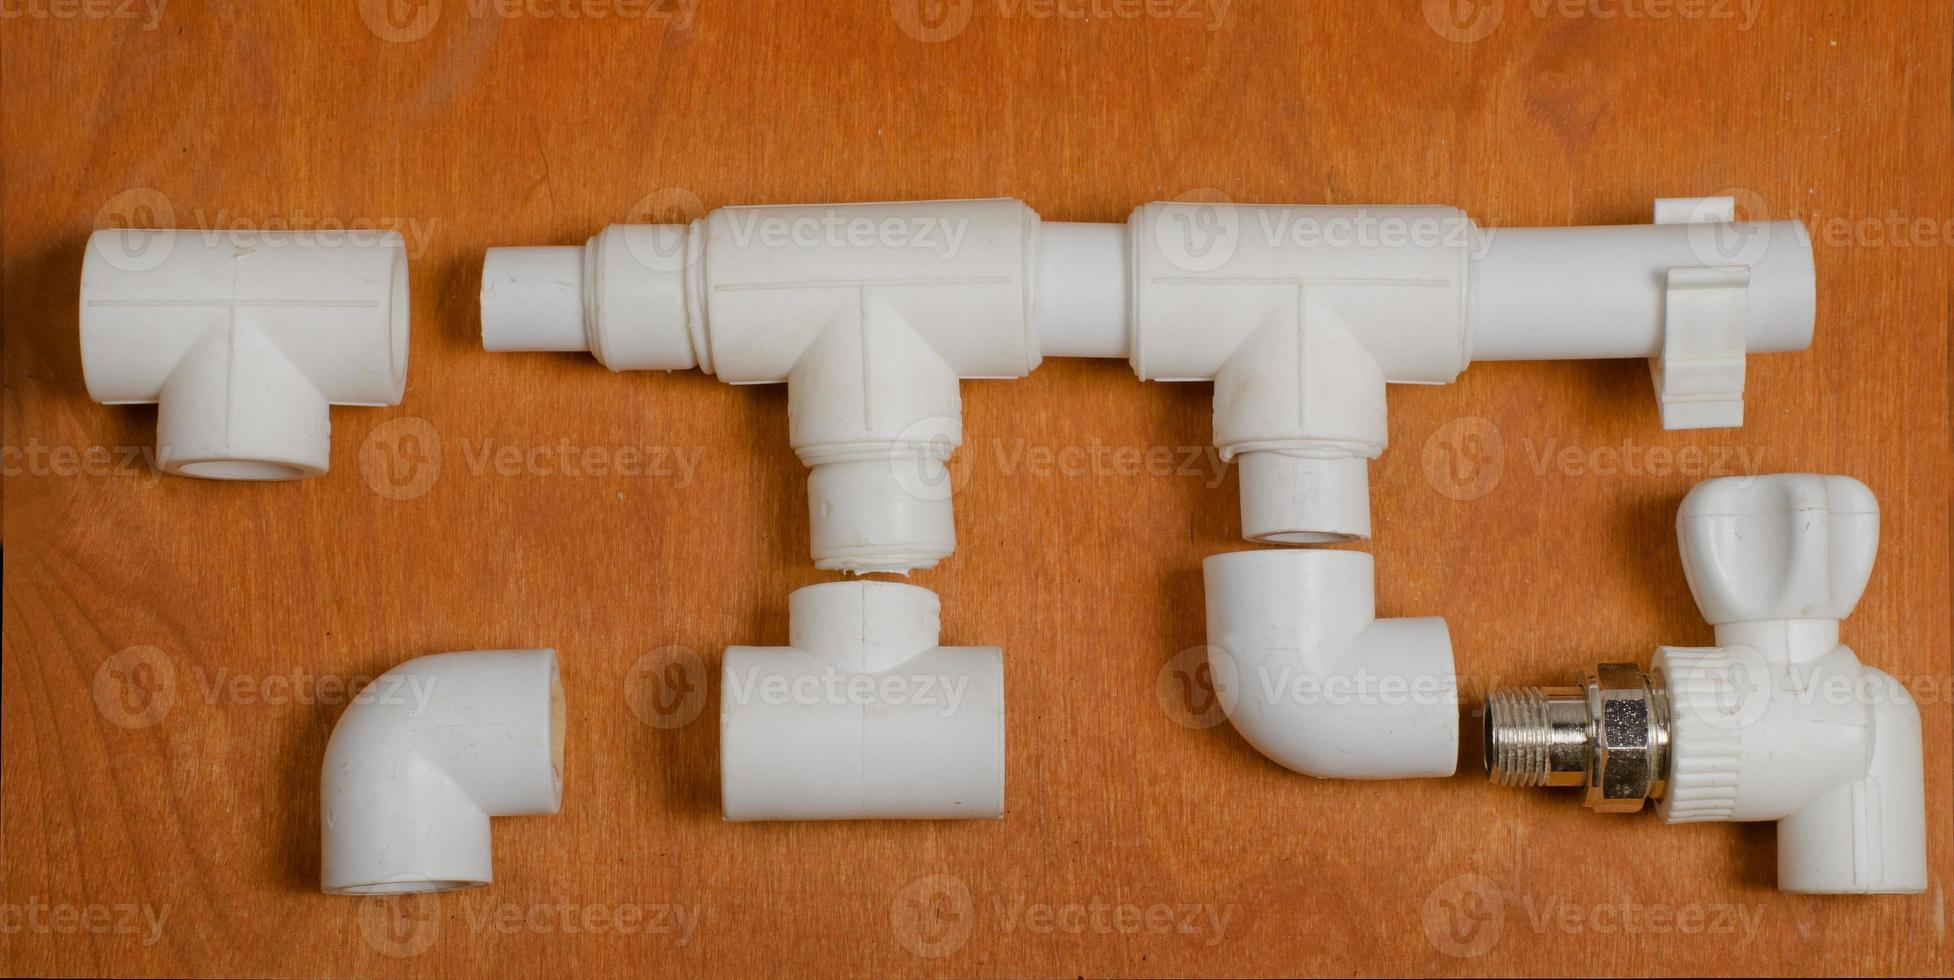 lo schema di un sistema di approvvigionamento idrico in polipropilene foto